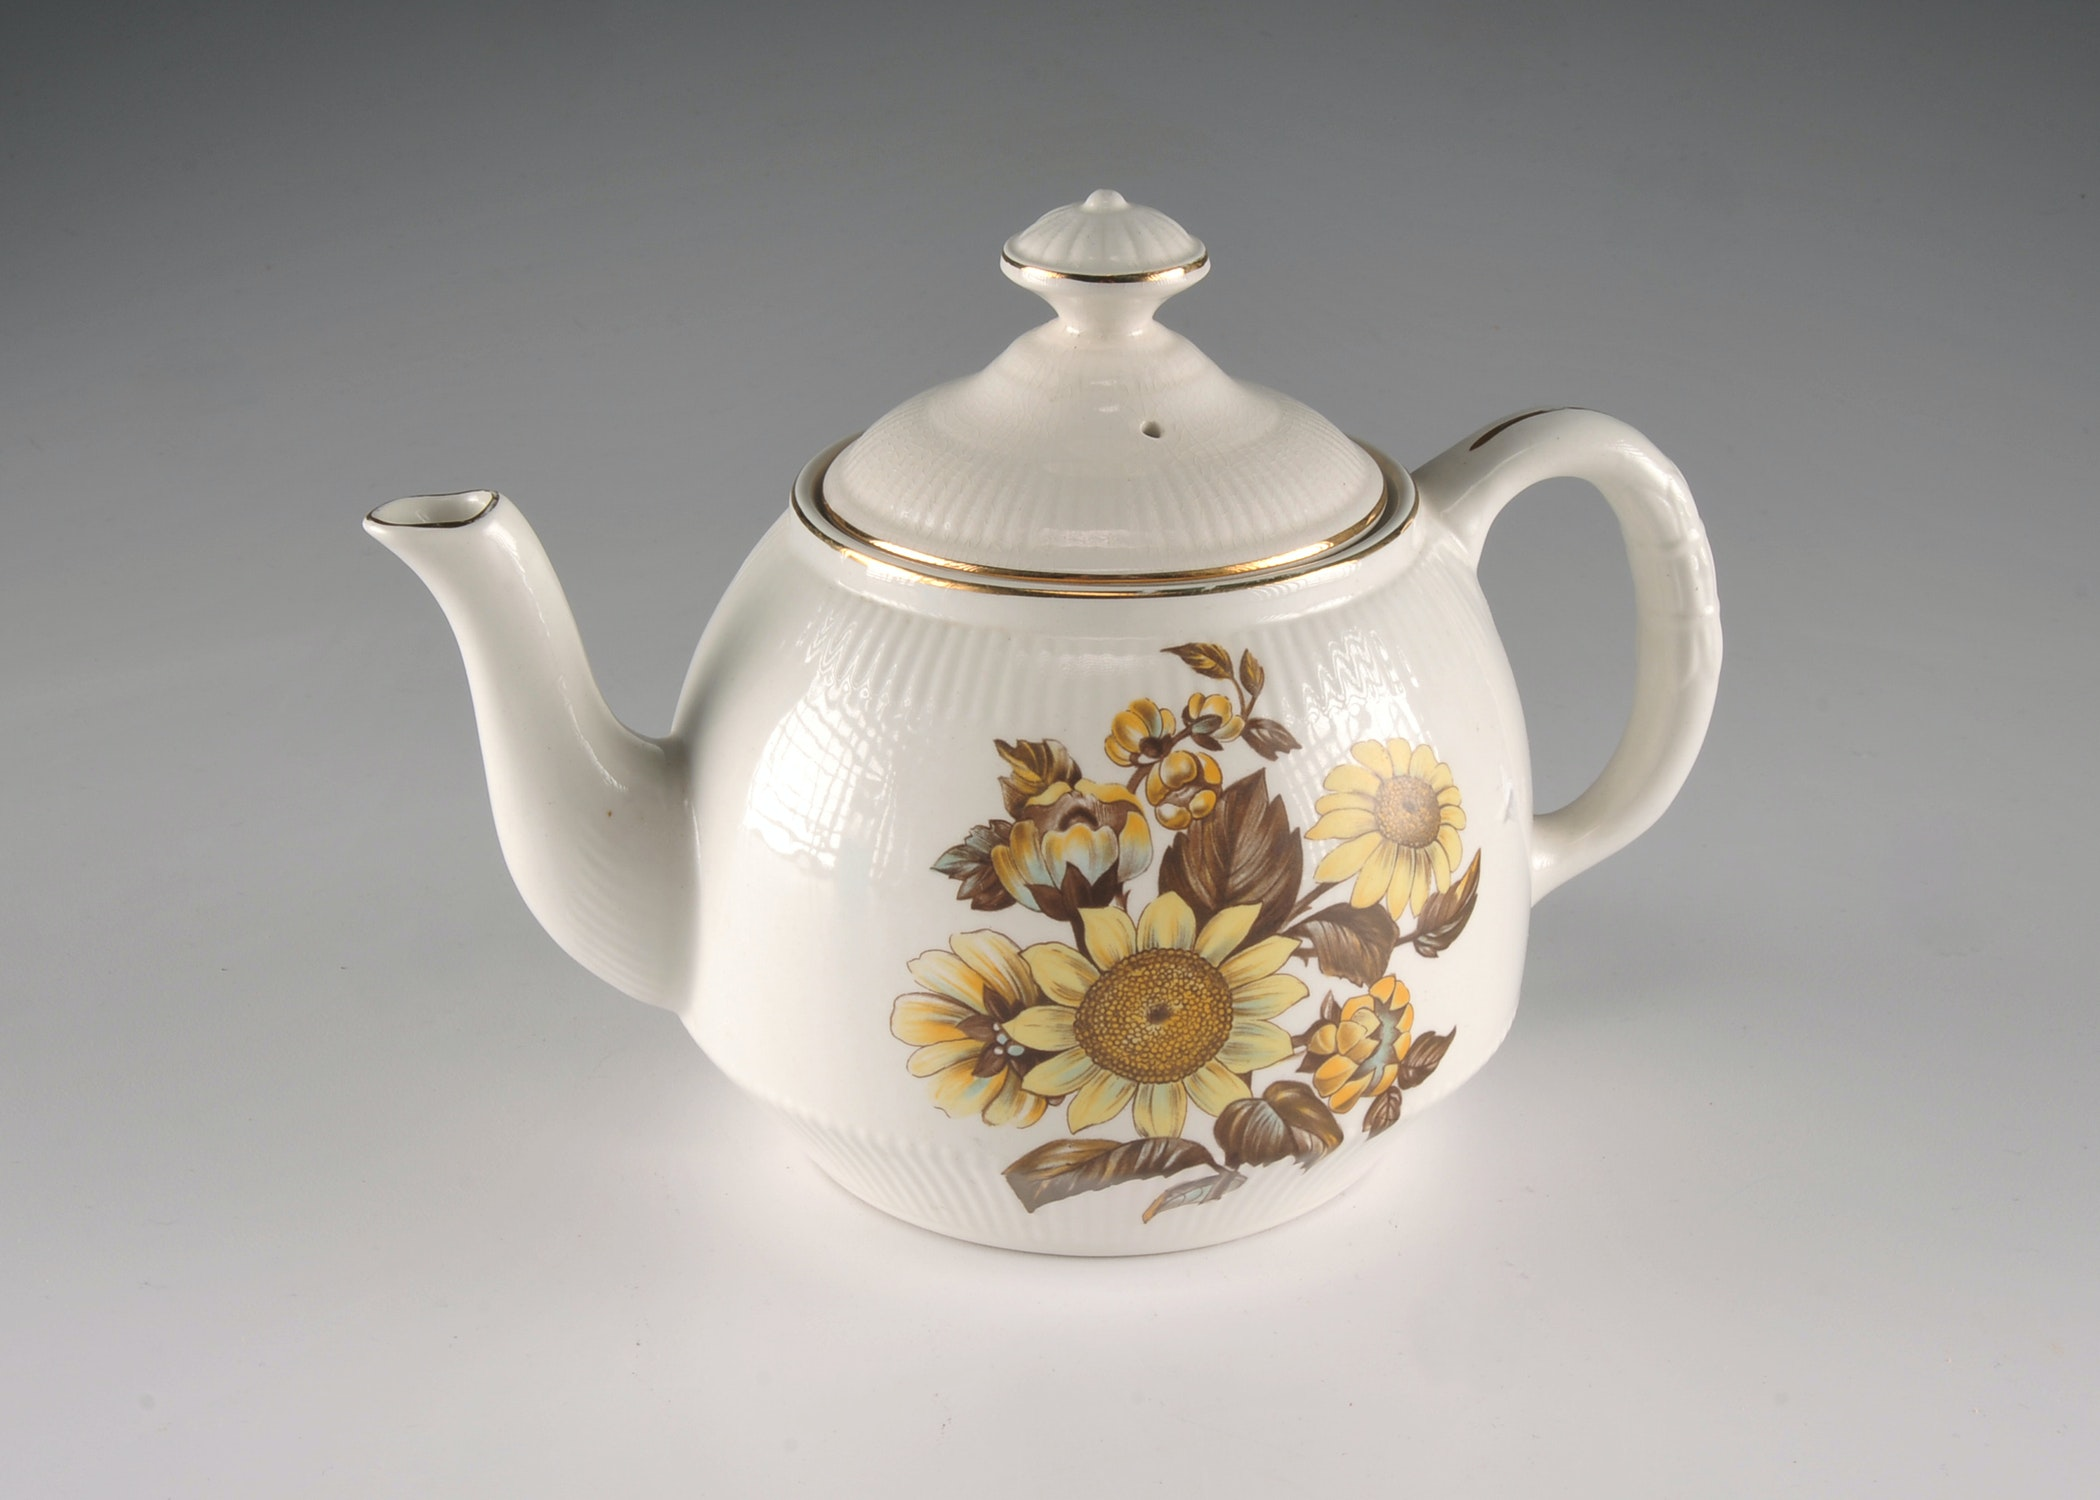 English Royal Warwick China Teapot Sunflower Pattern Ebth